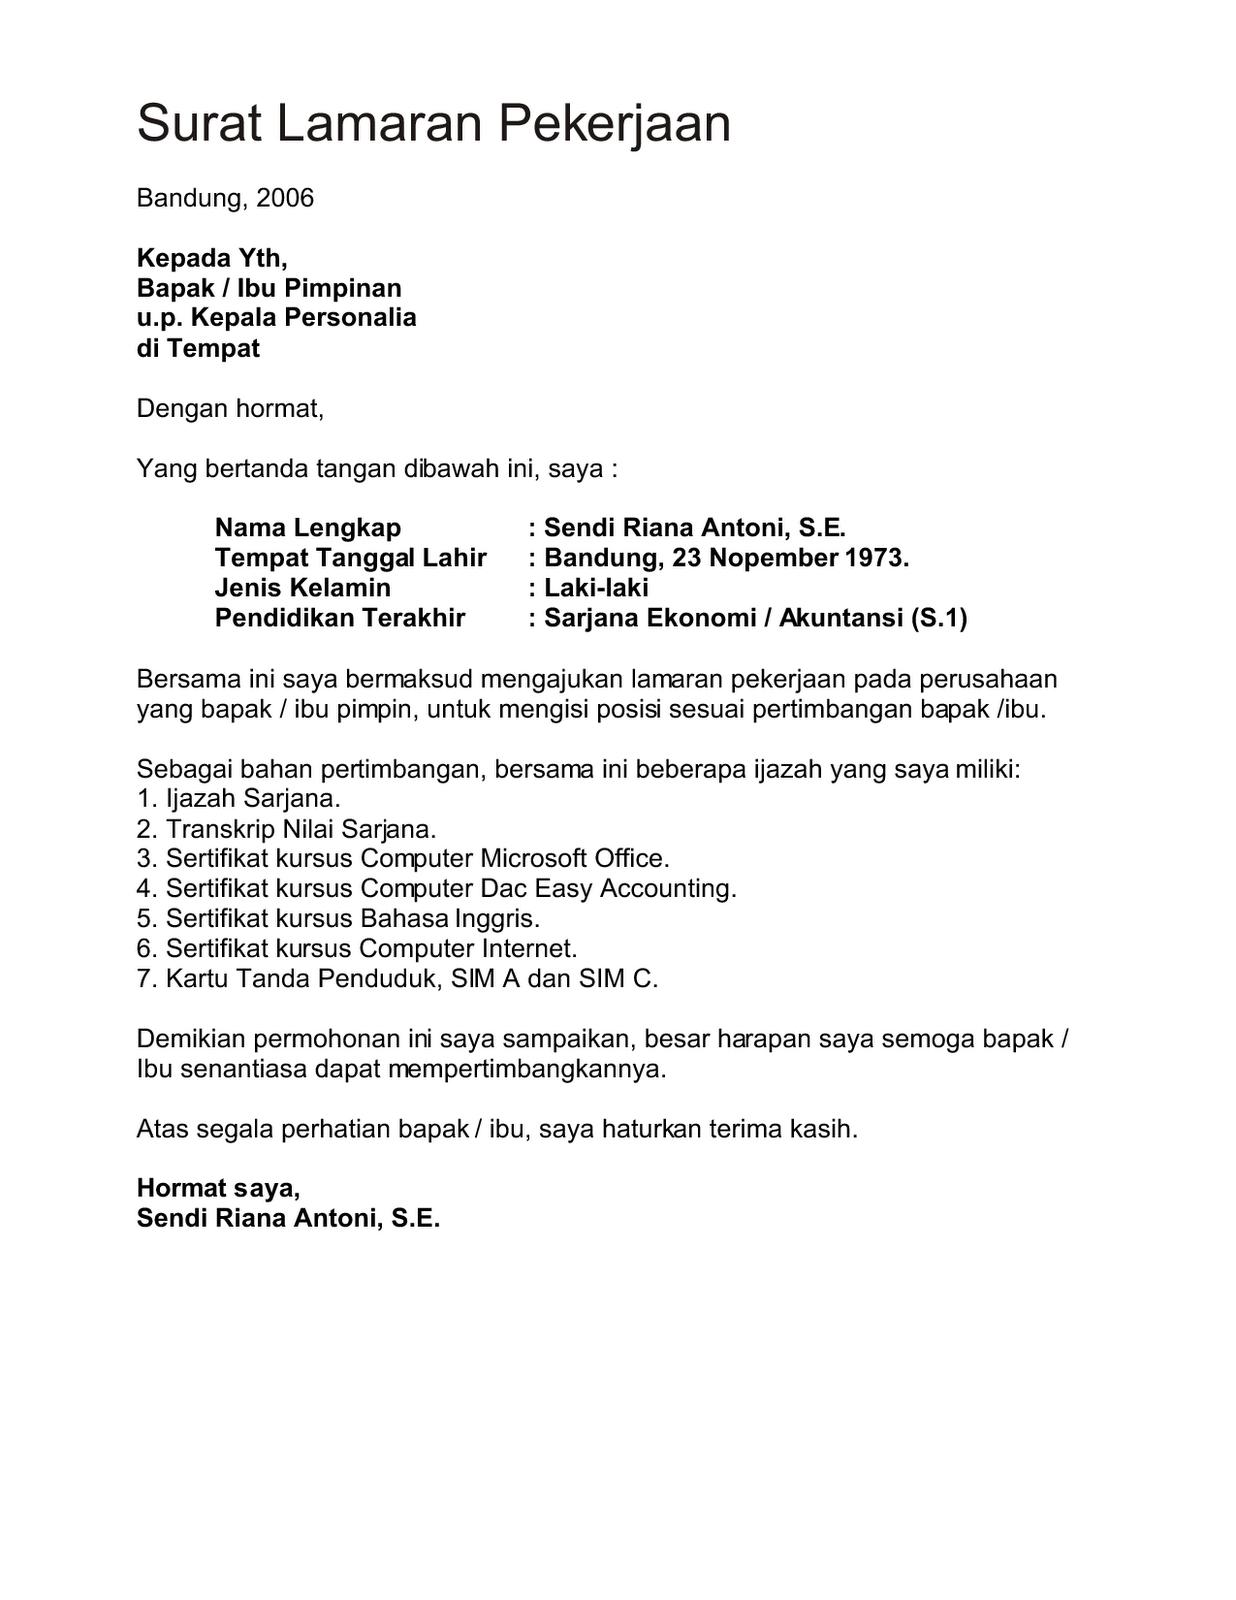 contoh format penulisan surat lamaran kerja cpns 2015